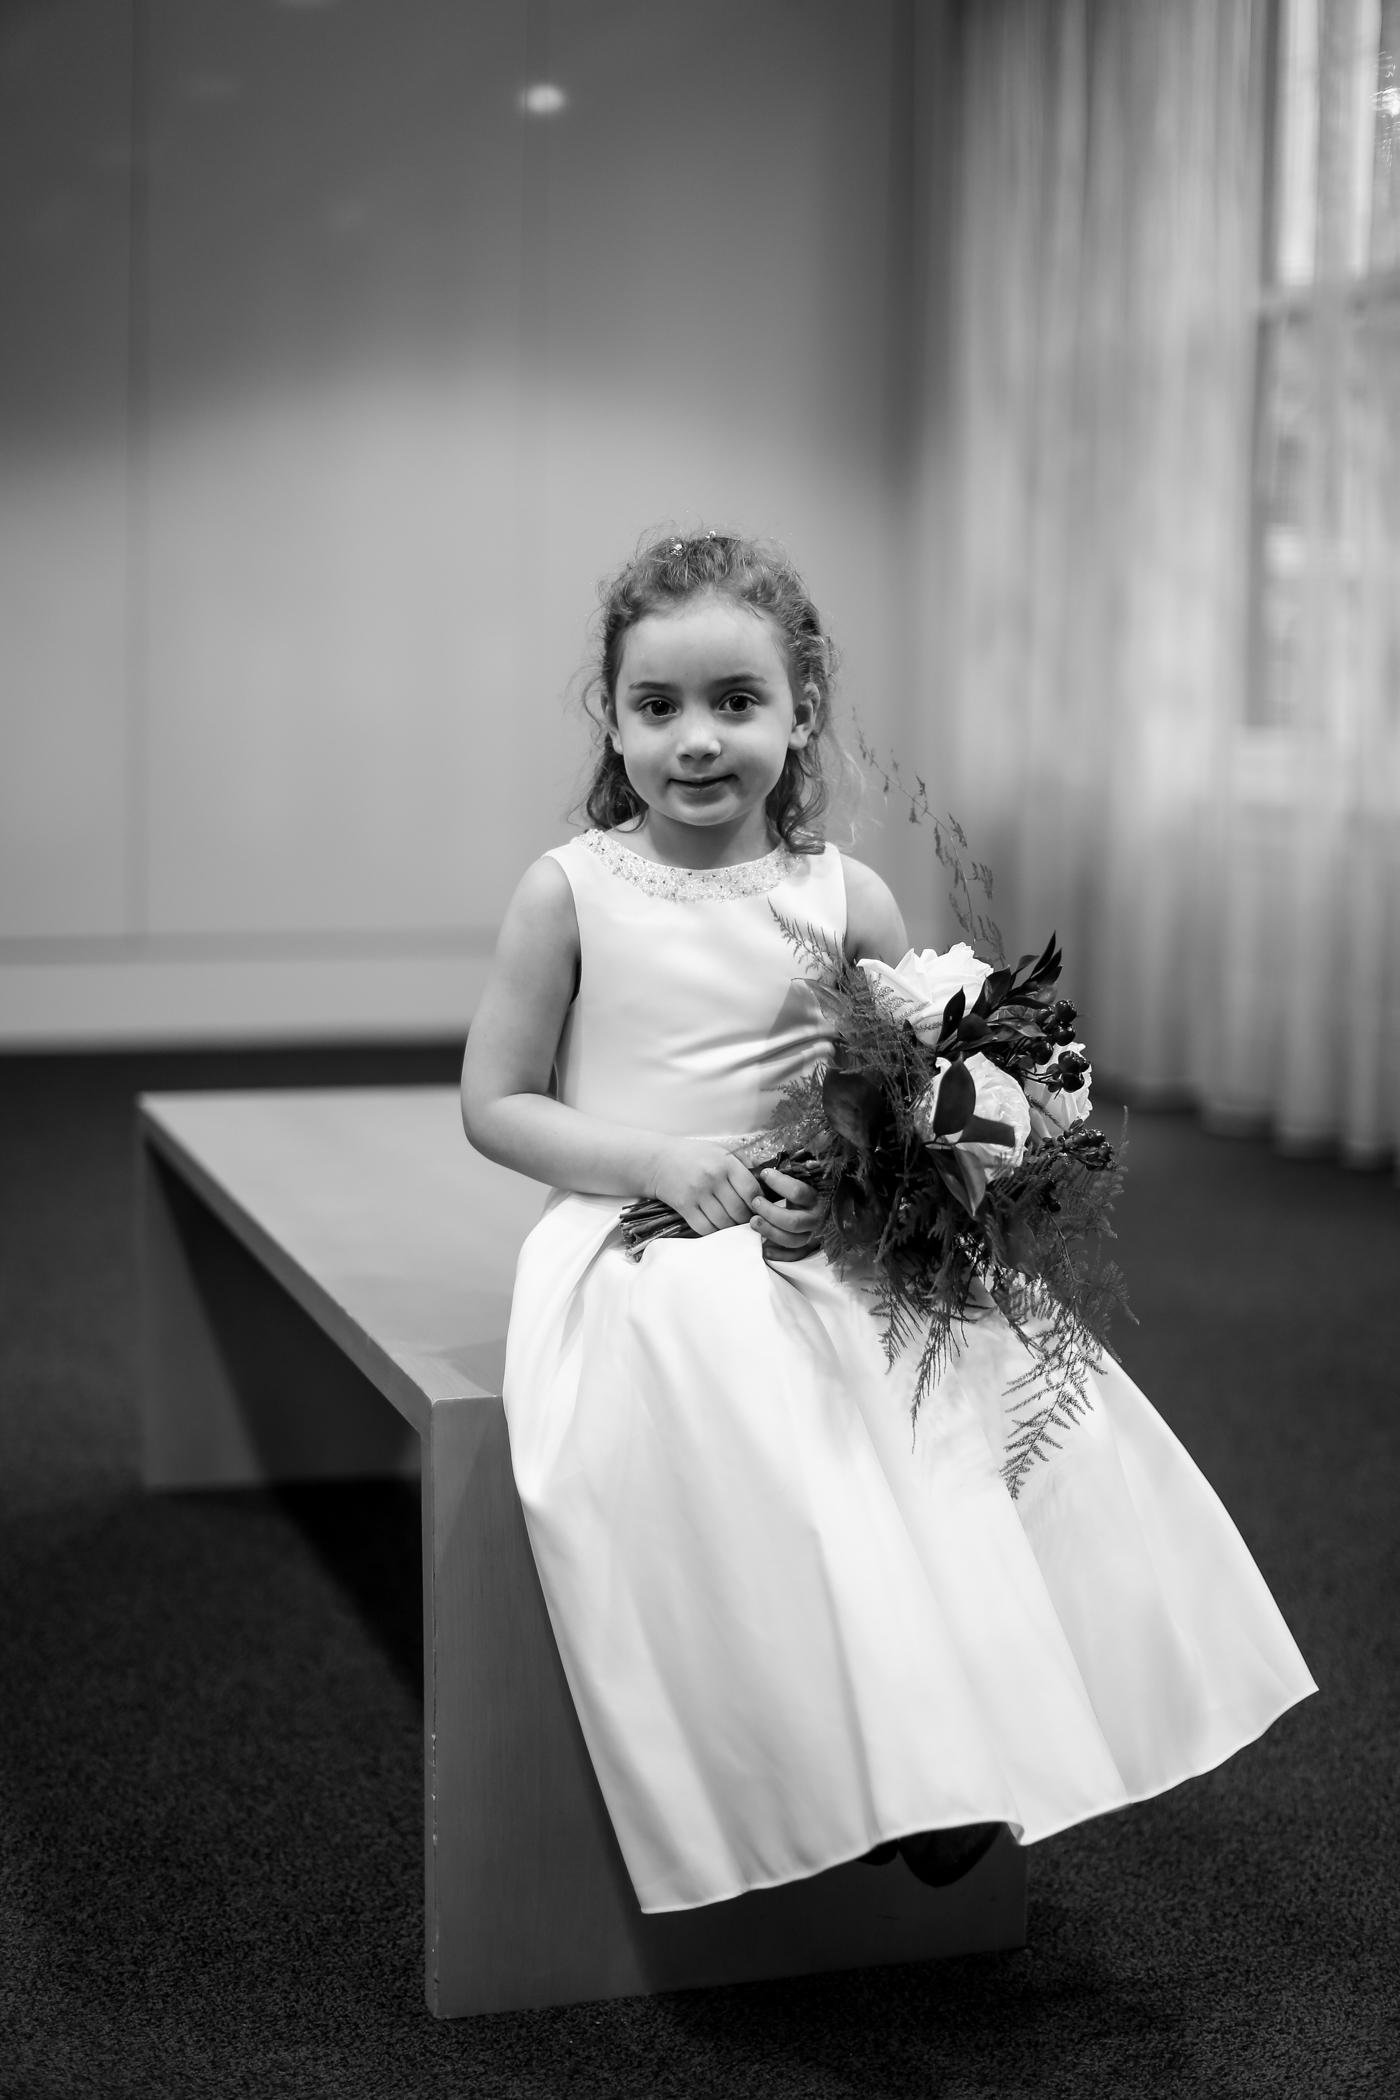 21C-Museum-Hotel-Lexington-Kentucky-Best-Wedding-Photographer-4.jpg